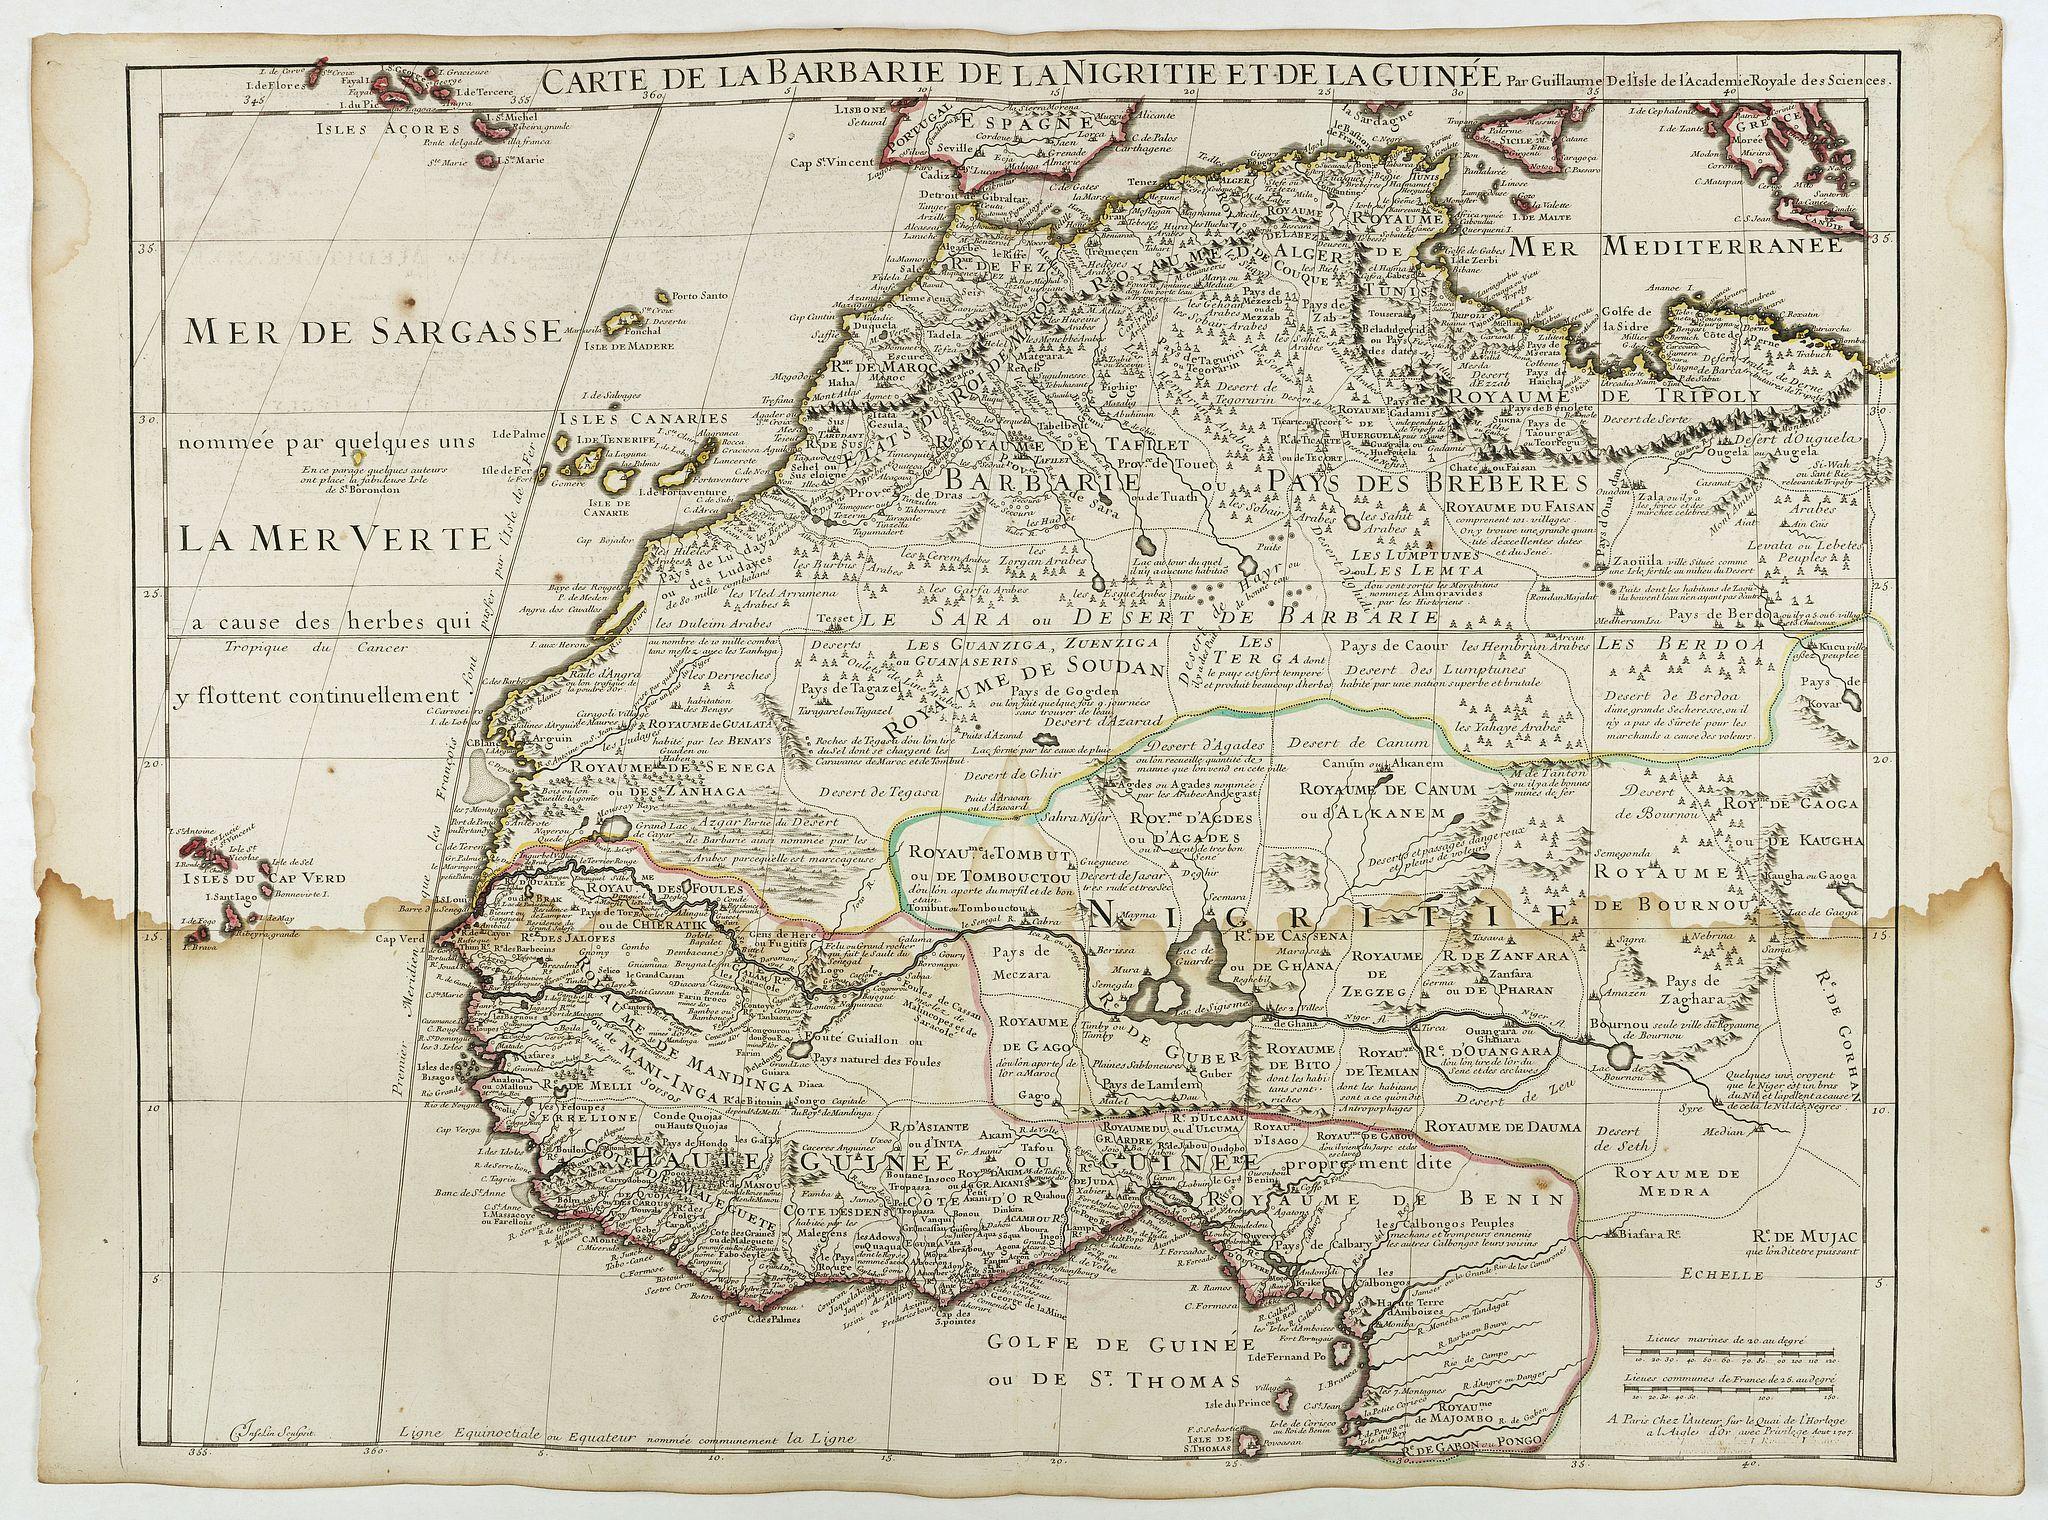 DE L'ISLE, G. -  Carte de La Barbarie de La Nigritie et de la Guinée.